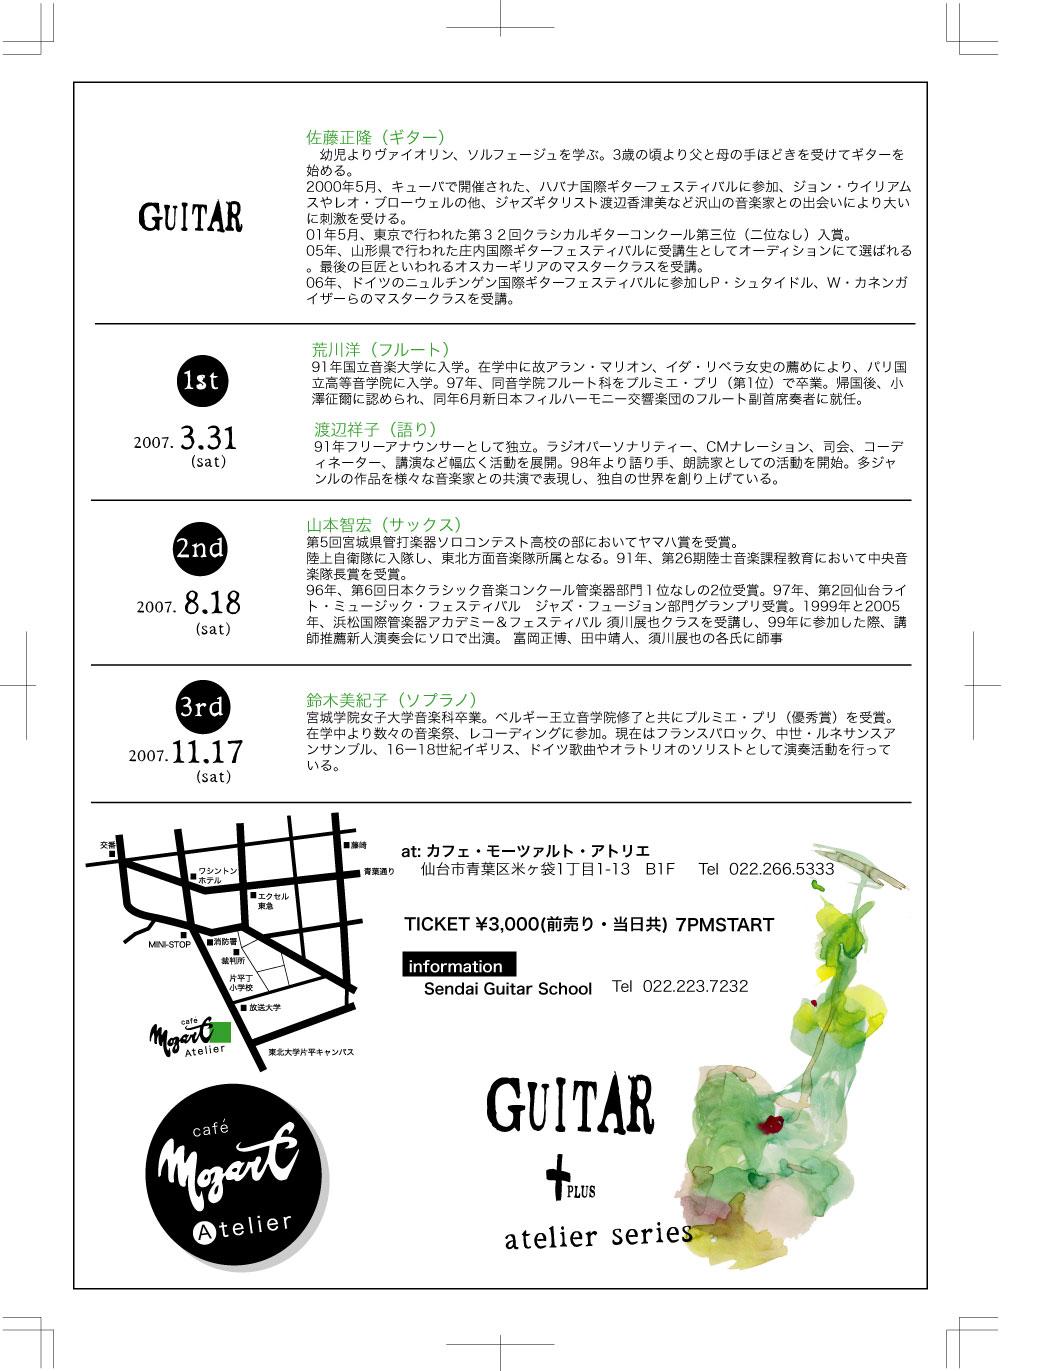 Guitar+アトリエシリーズvo.1_f0018889_91942100.jpg